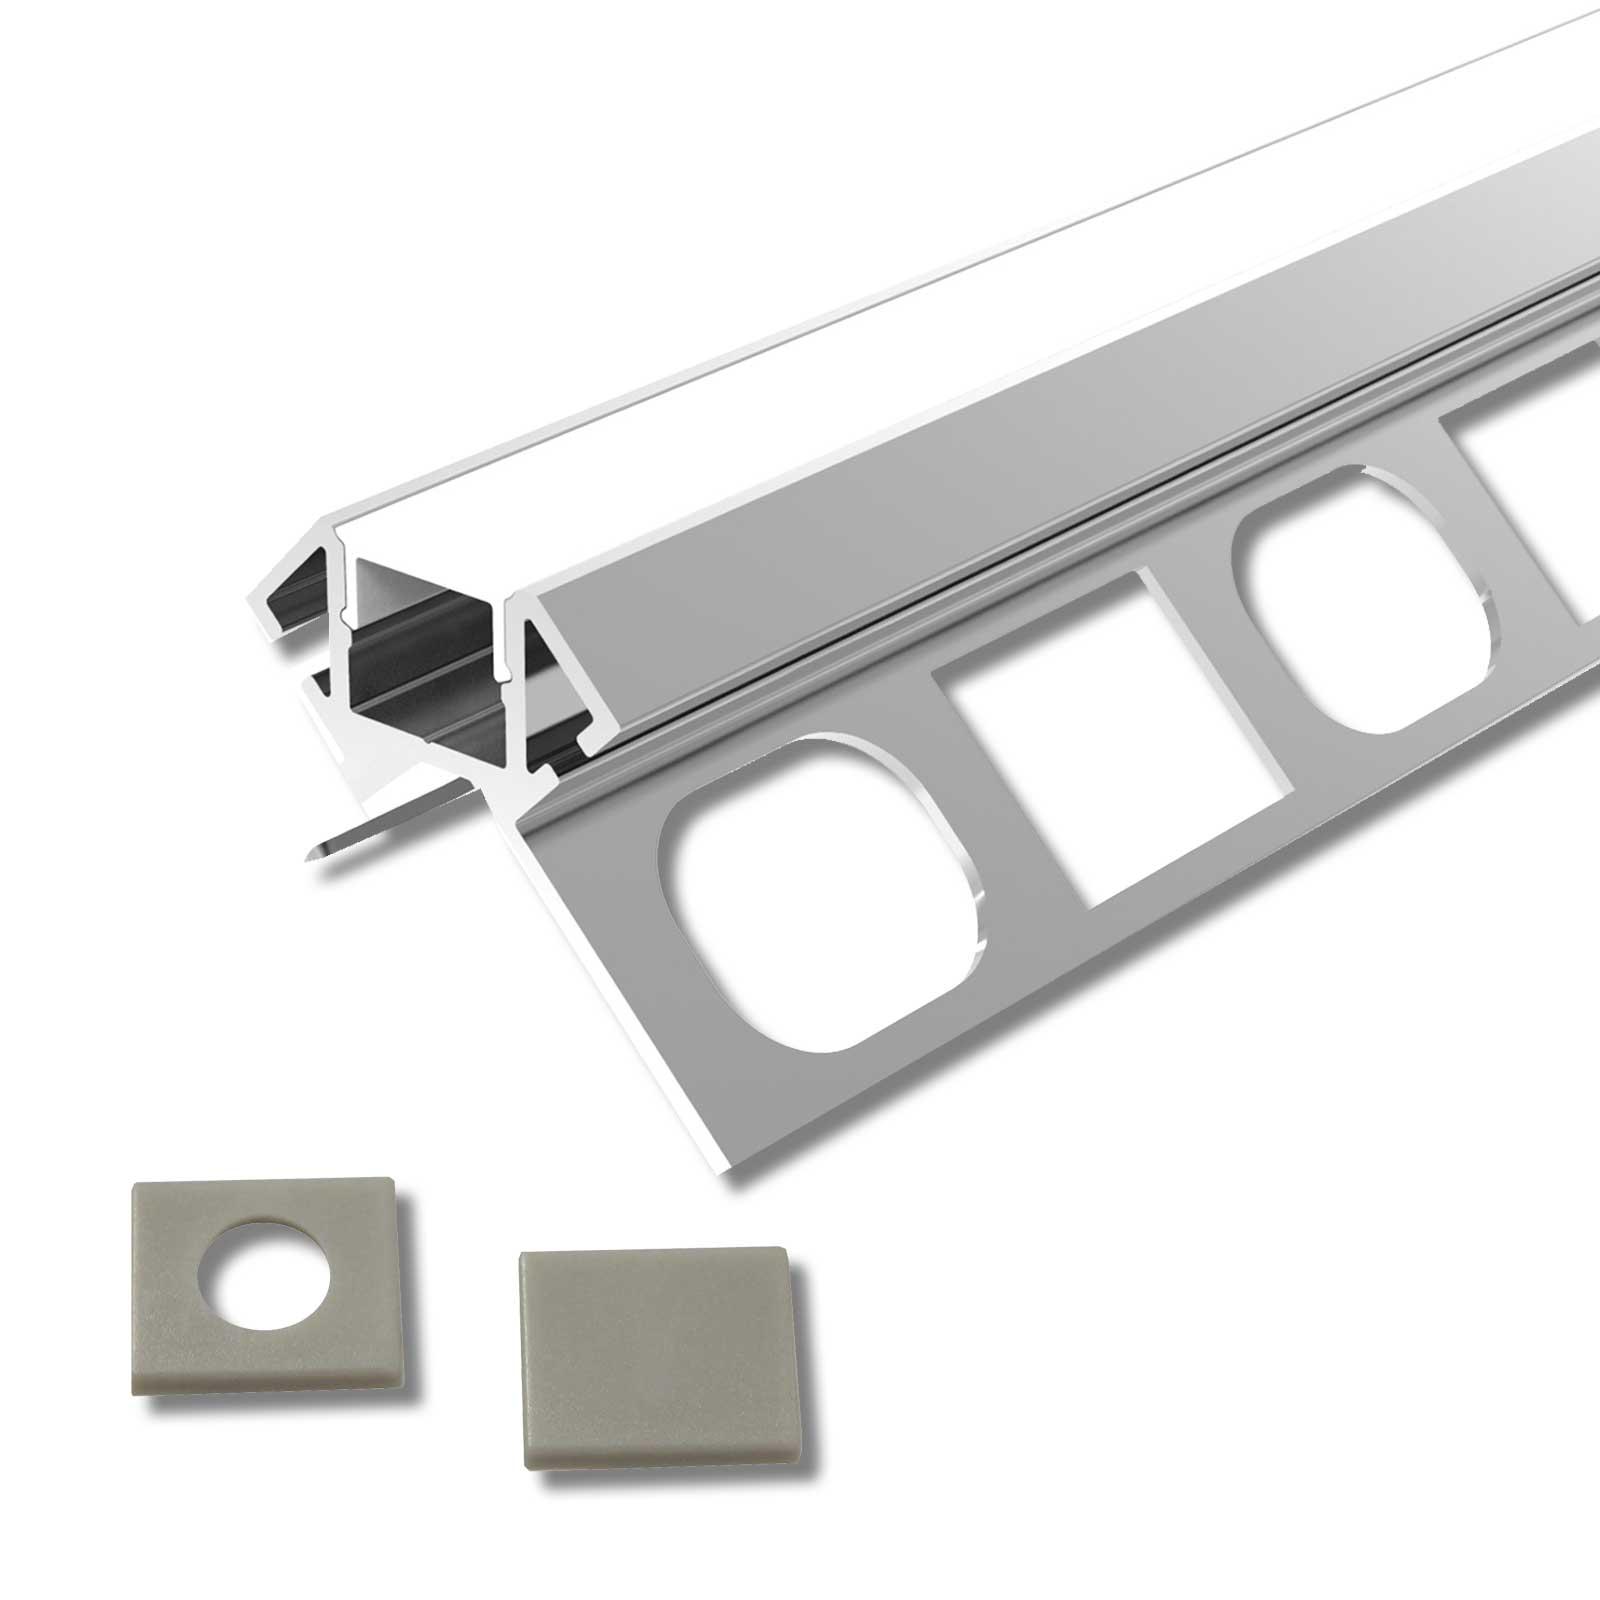 2 Meter LED Außeneck-Aluprofil ARES (AR) für Trockenbau Rigipswand Fliesenspiegel